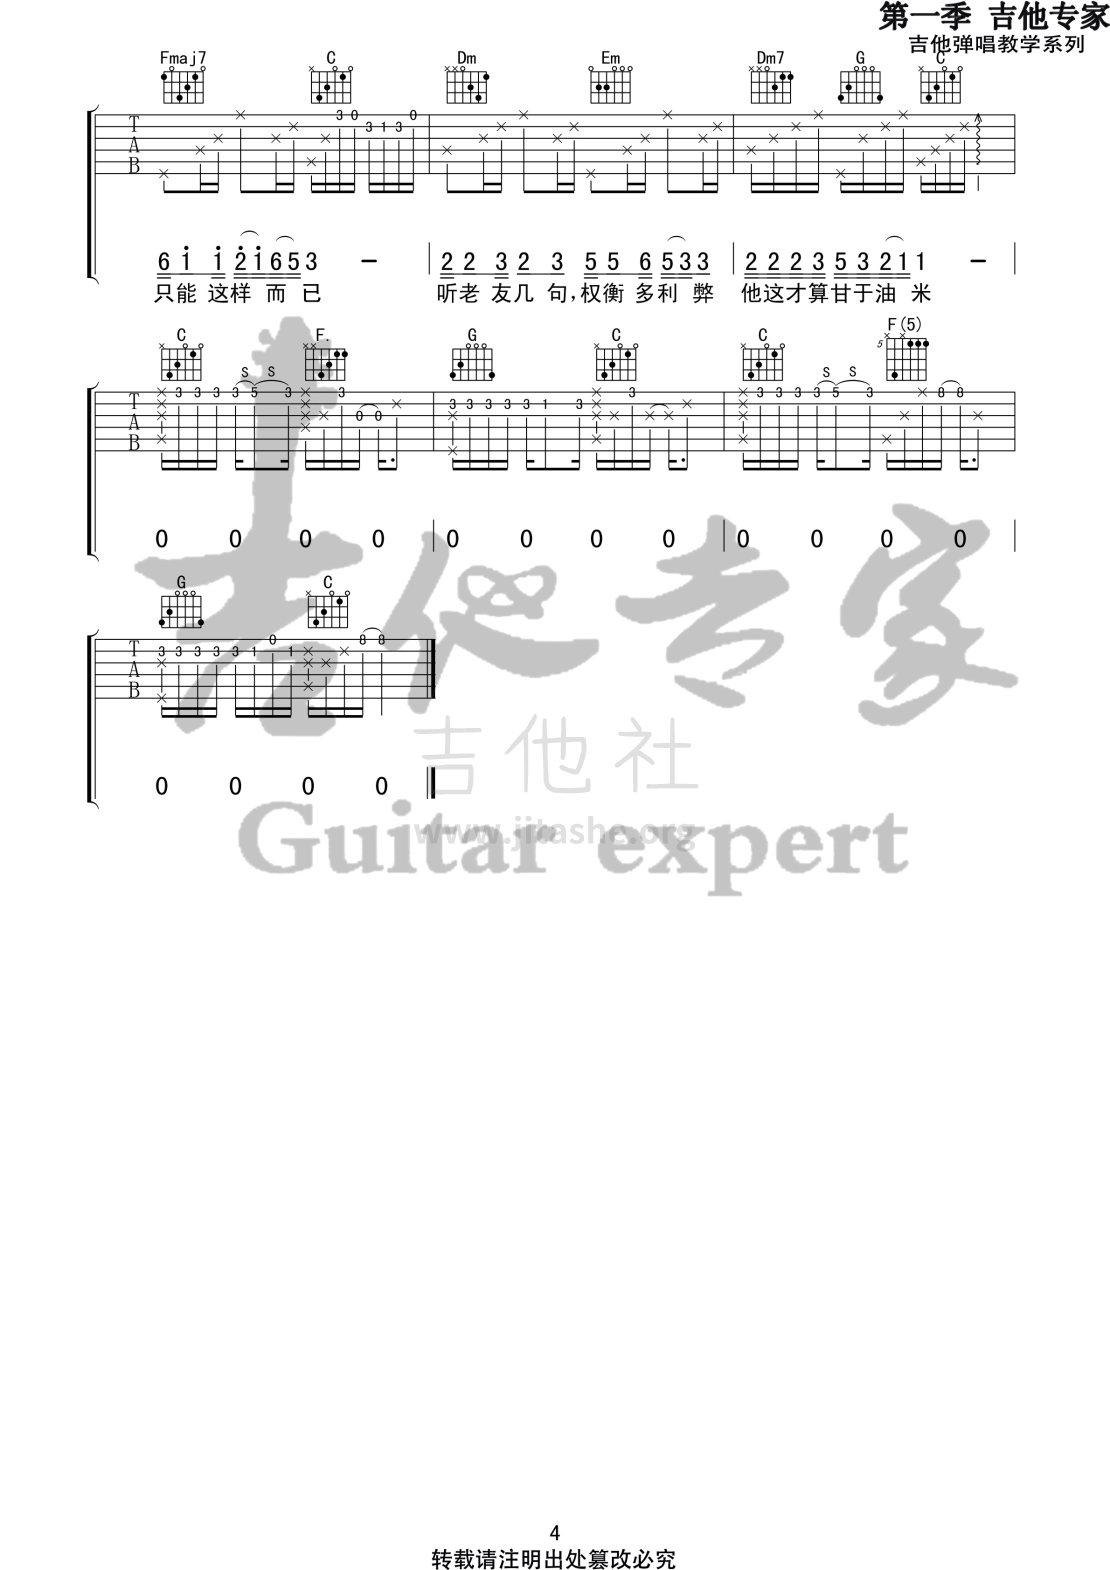 北区楼四(音艺吉他专家弹唱教学:第一季第58集)吉他谱(图片谱,弹唱,伴奏,教程)_刘昊霖_北区楼四4 第一季第五十八集.jpg